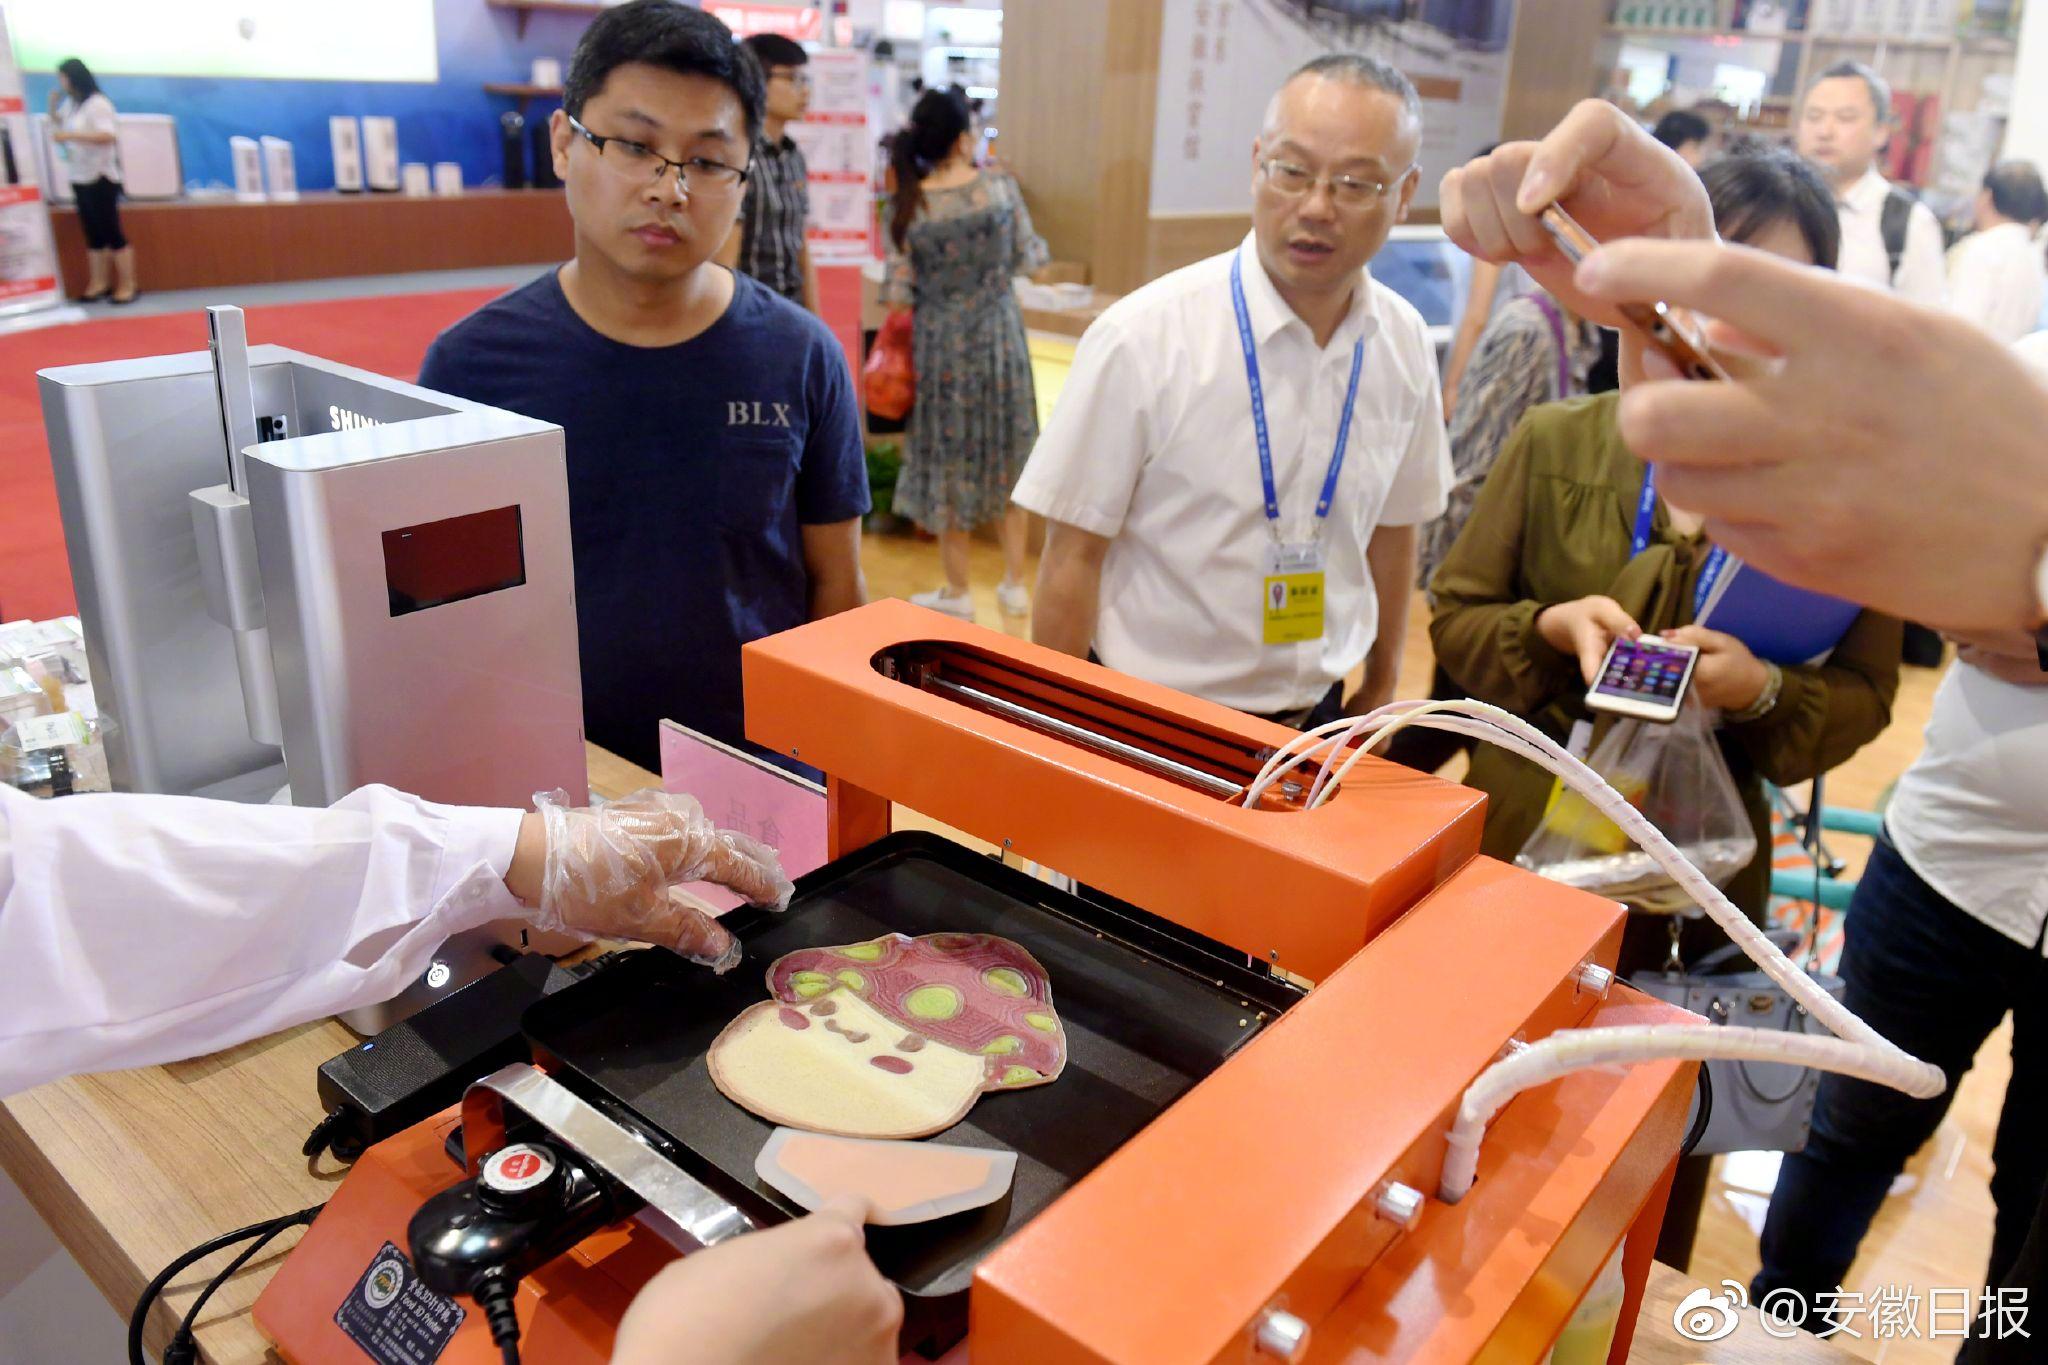 备肉增量投母日媒美众院公布日本前防认涉2